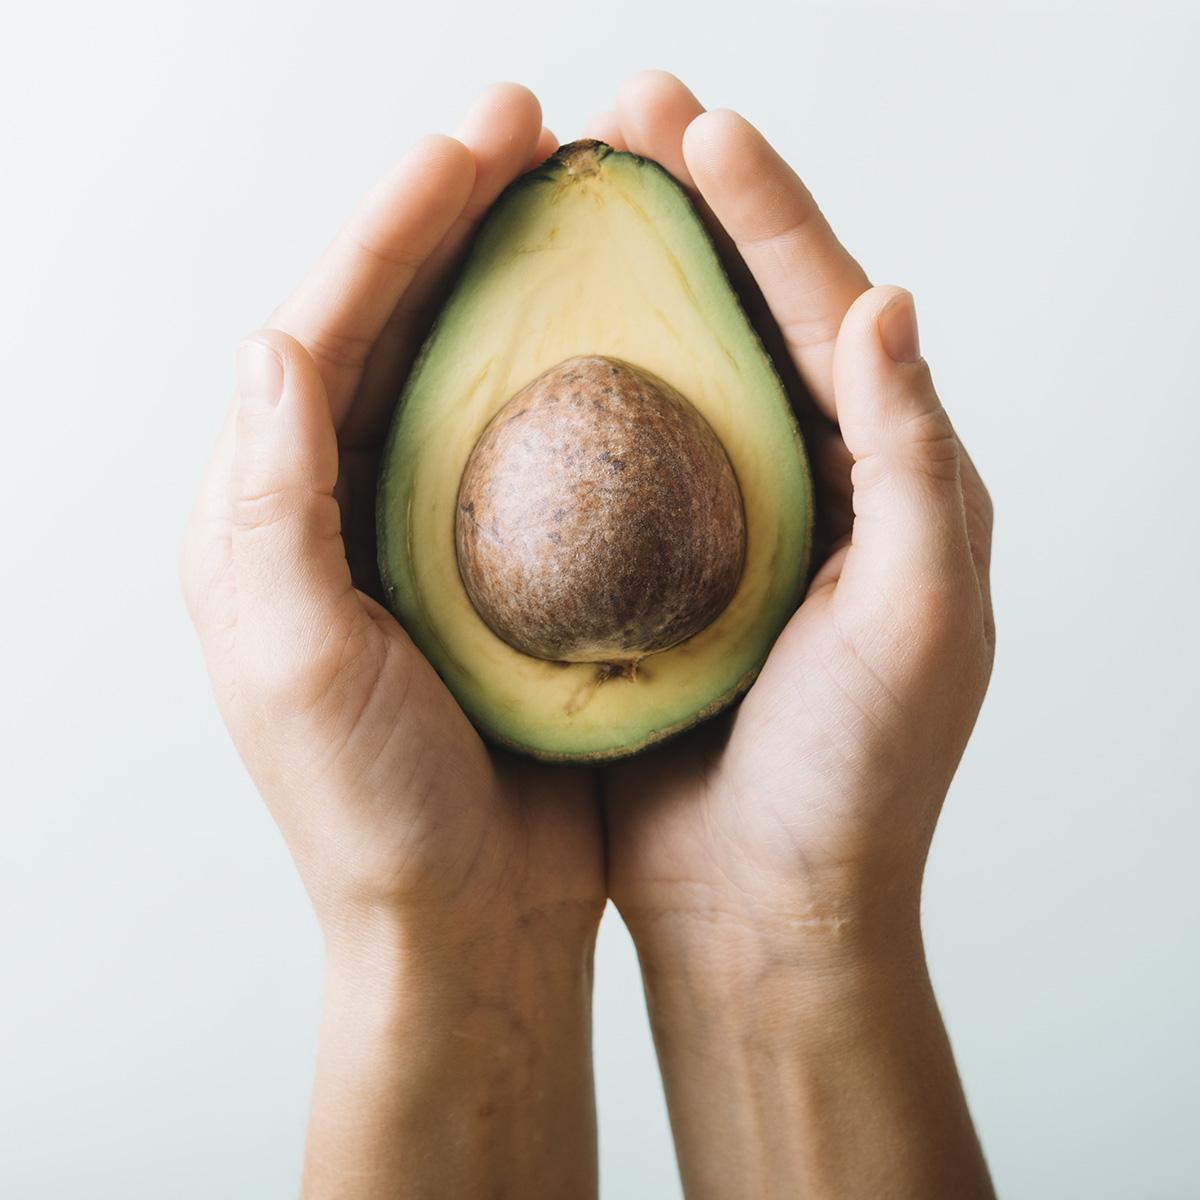 sinh tố bơ giảm cân, sinh tố bơ chuối giảm cân, sinh to bơ giảm cân, cách làm sinh tố bơ giảm cân, làm sinh tố bơ giảm cân, uống sinh tố bơ có béo không, cách làm sinh tố bơ cho người giảm cân, ăn sinh tố bơ có béo không, sinh tố bơ cho người giảm cân, sinh tố bơ có giảm cân không, uống sinh tố bơ có giảm cân không, sinh tố bơ có béo không, sinh to bơ chuối giảm cân, cách làm sinh to bơ giảm cân, sinh tố bơ có béo k, sinh tố bơ có mập ko, sinh to bơ sữa chua giảm cân, sinh tố bơ sữa chua giảm cân, sinh tố chuối bơ giảm cân, sinh tố bơ chuối có giảm cân không, sinh tố bơ có béo ko, uống sinh tố bơ có tăng cân không, cách làm sinh tố bơ chuối giảm cân, ăn bơ giảm cân, cách ăn bơ giảm cân, ăn sinh tố bơ giảm cân, ăn quả bơ với sữa chua có béo không, ăn bơ xay có mập không, sinh tố bơ chuối, giảm cân bằng bơ, sinh tố bơ, bơ giảm cân, ăn bơ giảm cân hay tăng cân, uống sinh tố bơ buổi tối có mập không, uống sinh tố bơ có mập không, sinh tố bơ không đường, sinh tố bơ bao nhiêu calo, giảm cân với bơ, bơ giảm cân hay tăng cân, 1 ly sinh tố bơ bao nhiêu calo, sinh tố bơ có tác dụng gì, sinh to bơ táo giảm cân, sinh tố bơ tăng cân, cách ăn bơ để giảm cân, sinh tố bơ chuối có tác dụng gì, uống sinh tố bơ có tác dụng gì, sinh tố bơ có tăng cân không, cách làm bơ giảm cân, tác dụng của sinh tố bơ chuối, ăn bơ giảm béo, sinh tố bơ và dứa, cách làm sinh tố bơ chuối, tác dụng của sinh tố bơ, 1 cốc sinh tố bơ bao nhiêu calo, 1 ly sinh tố bơ có bao nhiều calo, sinh tố bơ có bao nhiêu calo, sinh tố bơ có bao nhiều calo, sữa chua bơ giảm cân, chế biến bơ giảm cân, cách chế biến bơ để giảm cân, ăn bơ giảm cân đúng cách, ăn bơ tăng cân hay giảm cân, cách làm sinh tố bơ tăng cân, ăn bơ giảm cân không, ăn bơ đúng cách để giảm cân, quả bơ giảm cân, uống sinh tố bơ mỗi ngày có tốt không, ăn bơ sữa có béo không, cách ăn quả bơ để giảm cân, calo trong sinh tố bơ, ăn bơ có tác dụng giảm cân không, thực đơn giảm cân với bơ, ăn bơ có mập ko, ăn kiêng với bơ, món ăn giảm cân với bơ, ăn bơ như thế n